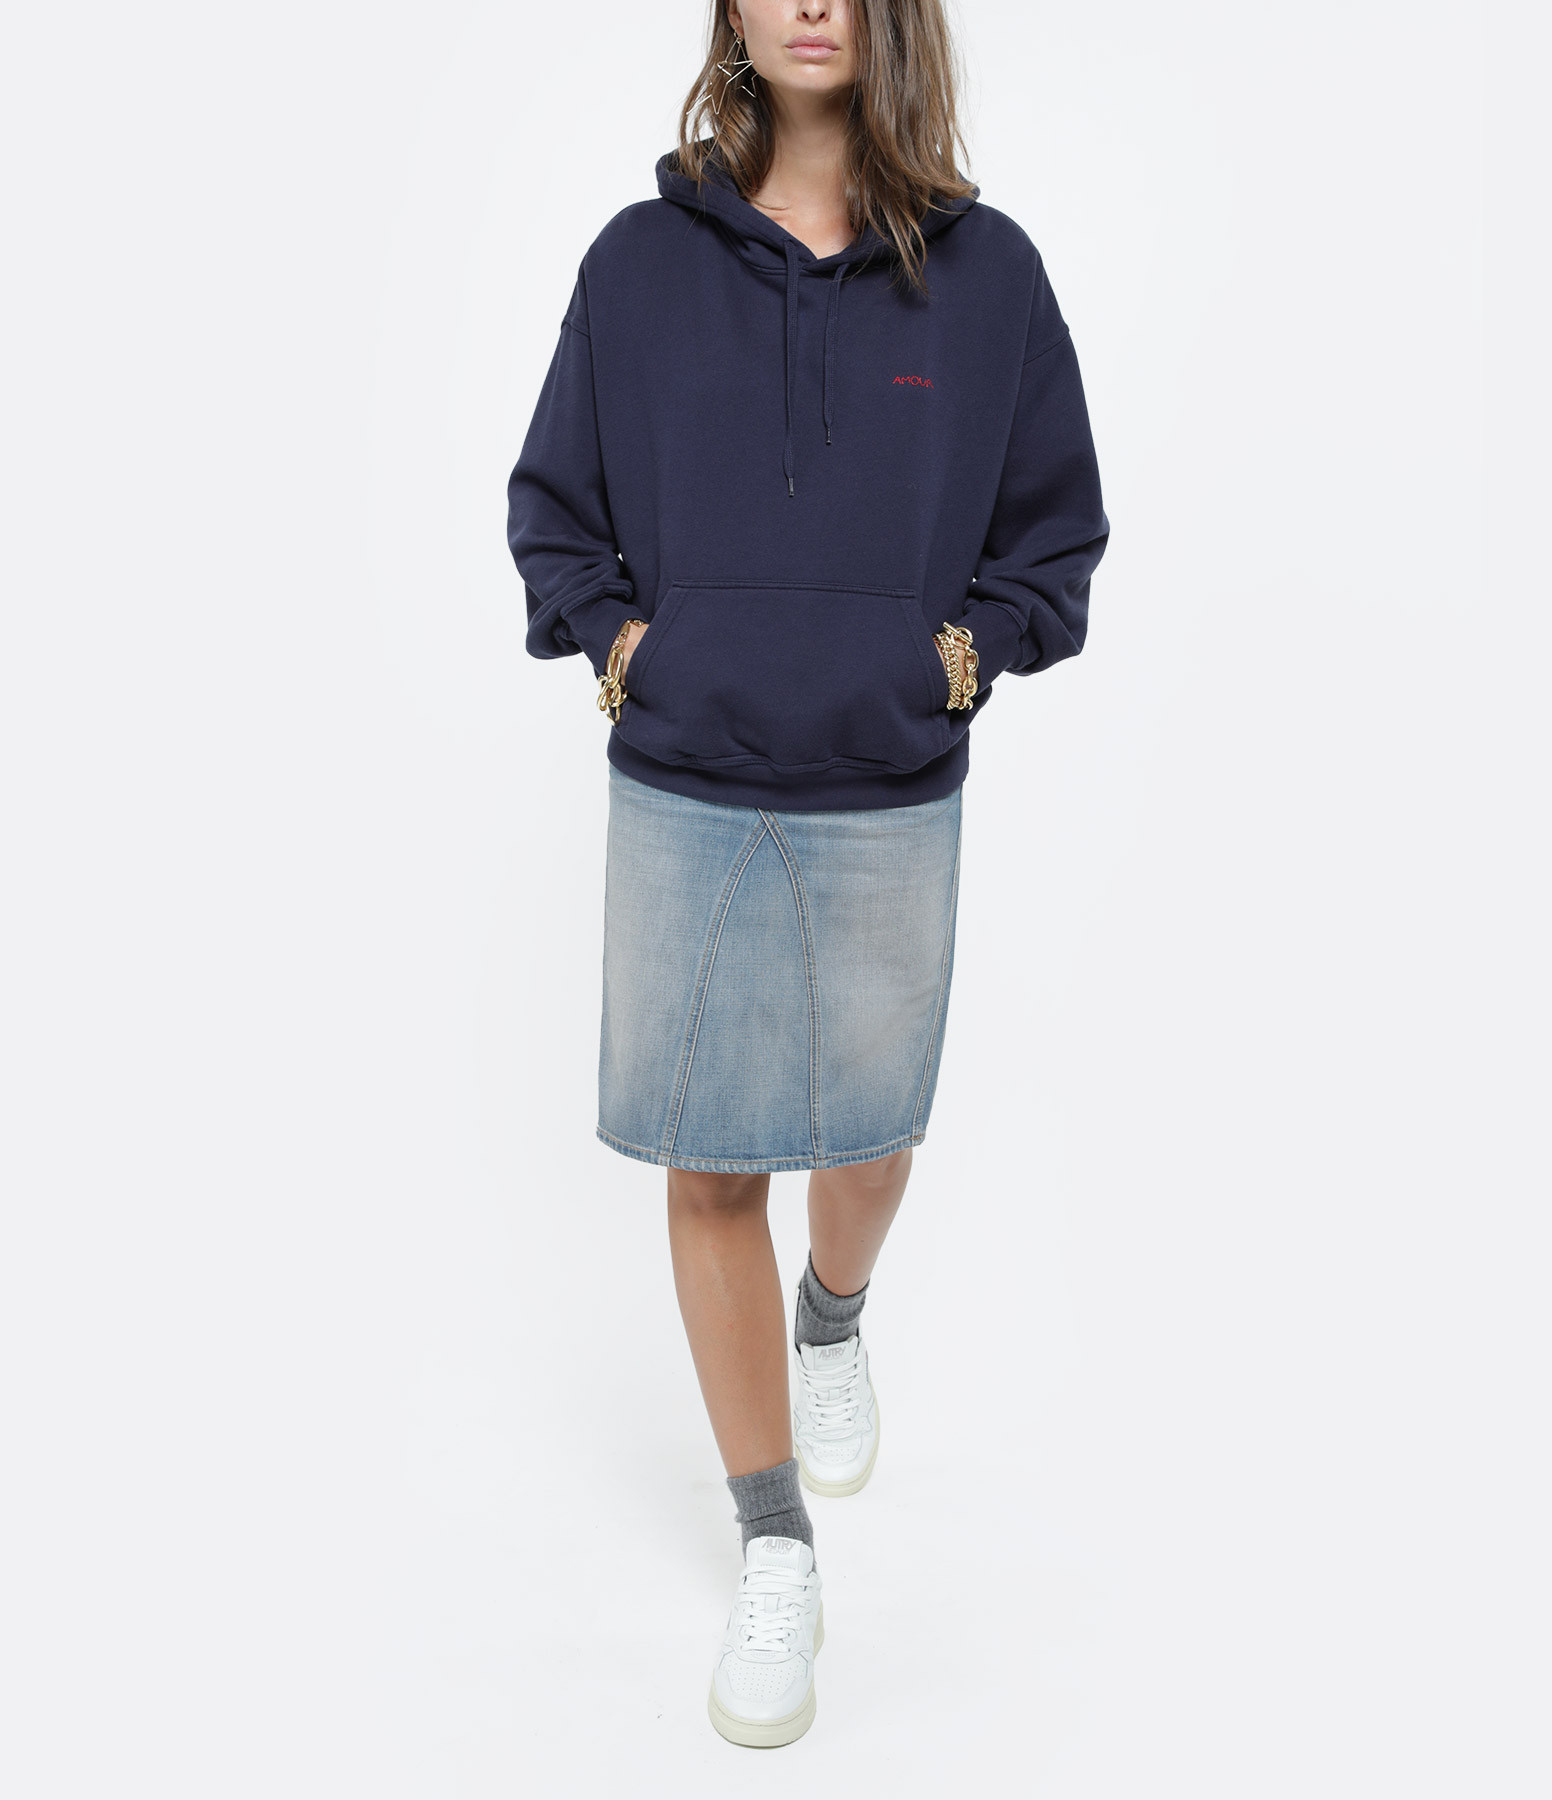 MAISON LABICHE - Sweatshirt Hoodie Amour Bleu Nuit